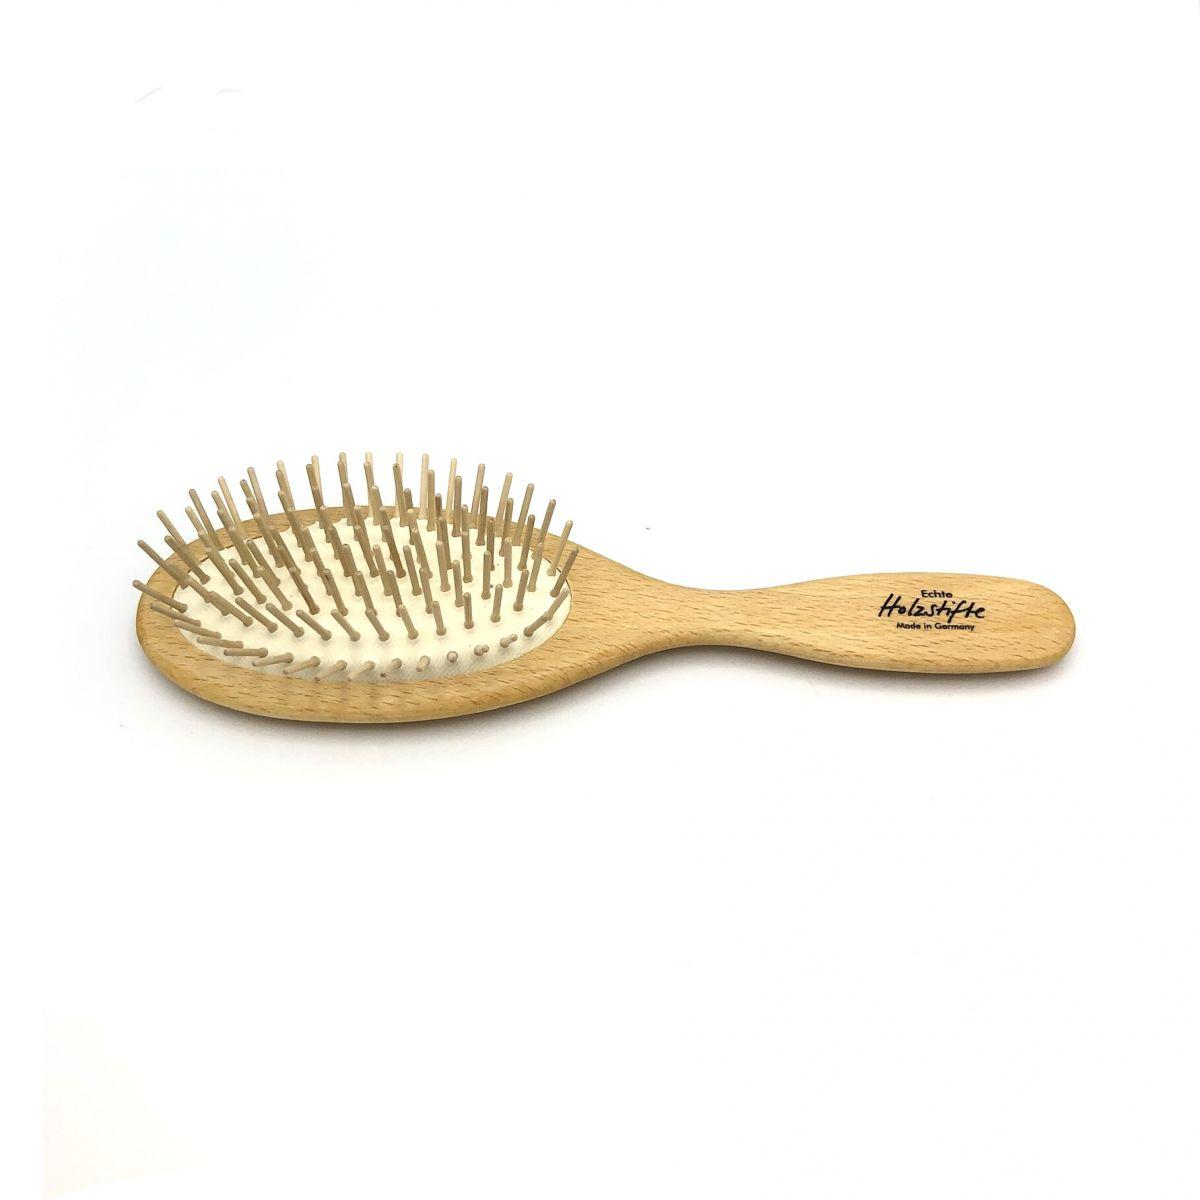 Haarbürste groß oval mit Holzstiften